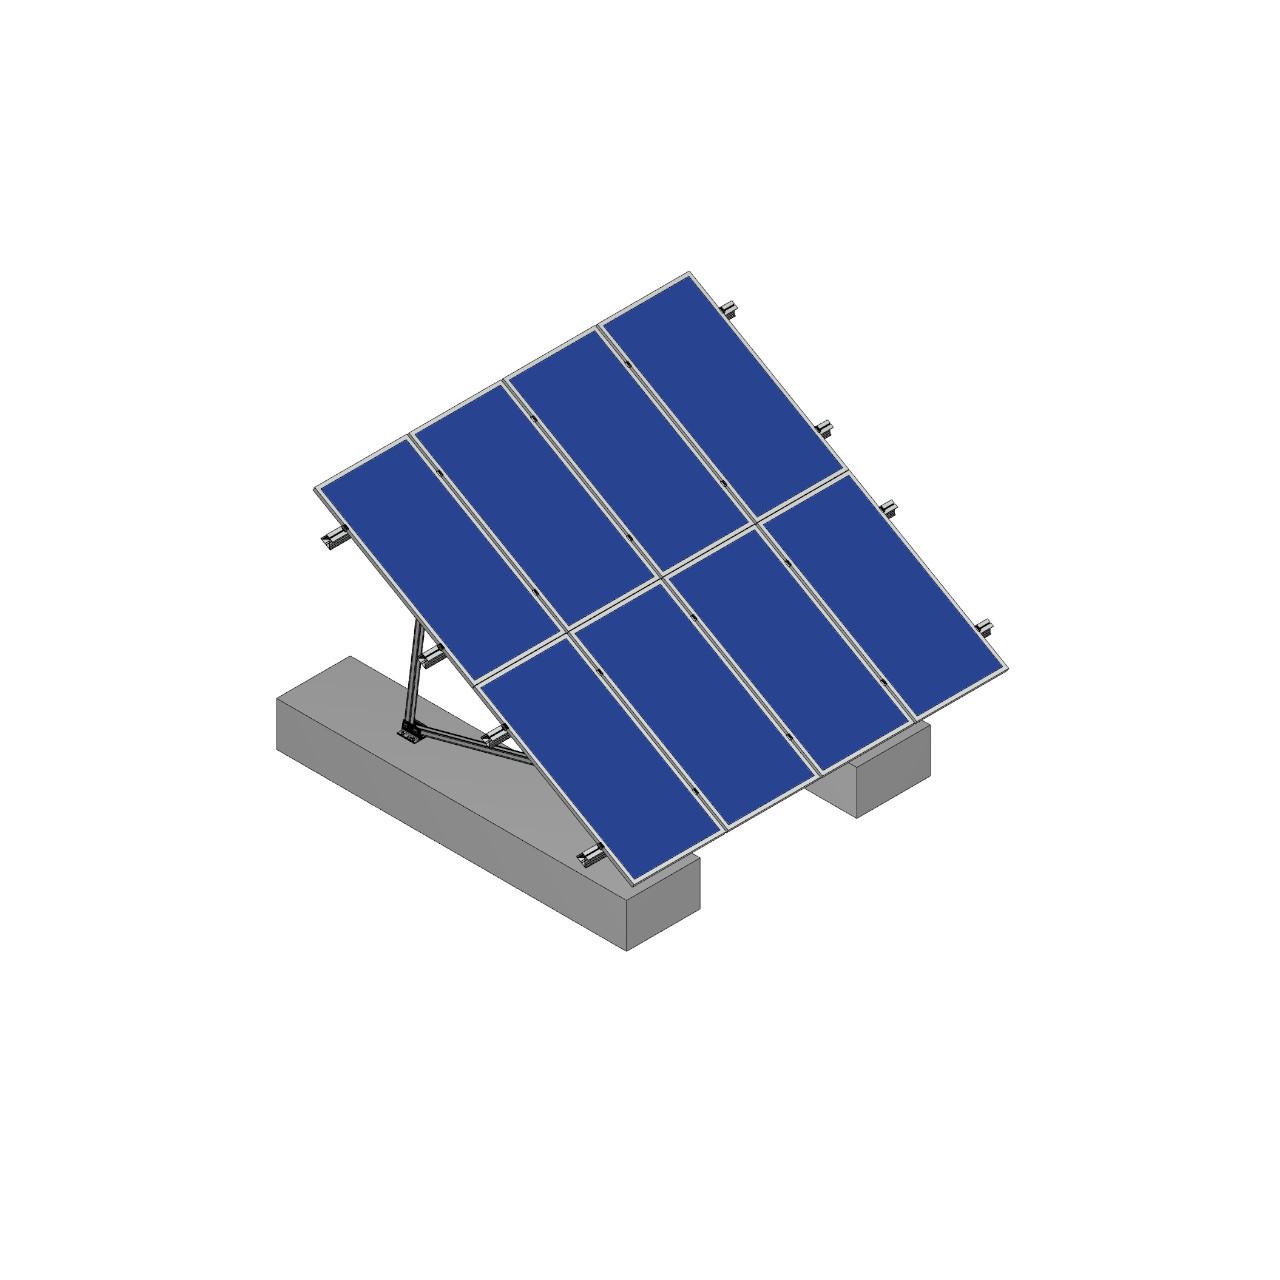 Schletter - PVMax 2Vx6-30deg-Concrete-Solid-Panels